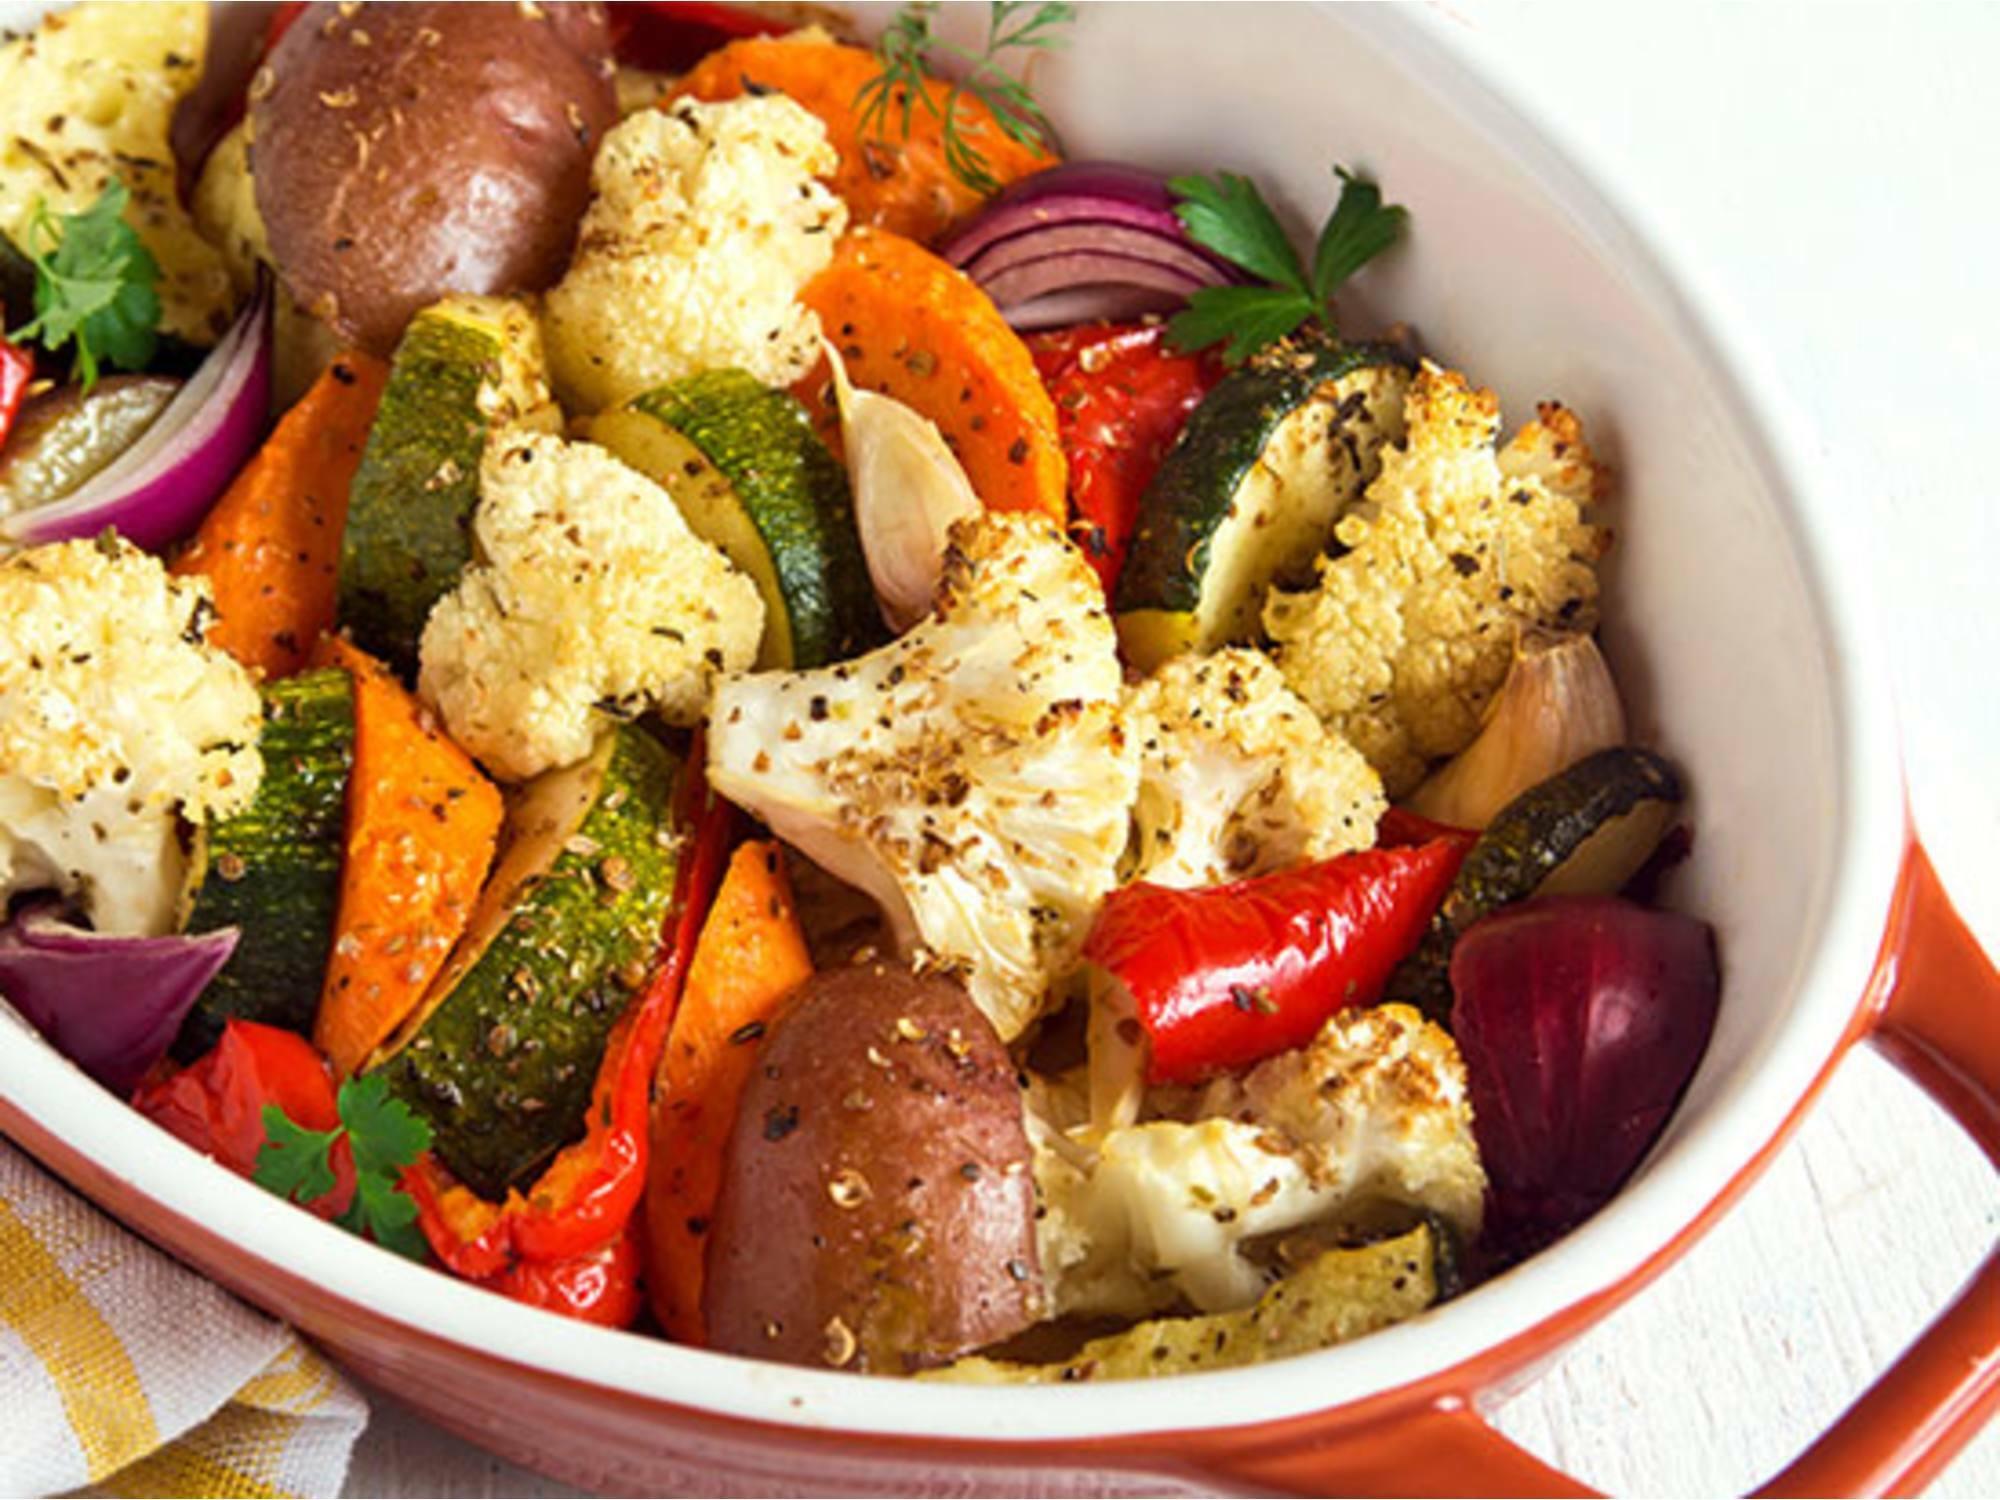 Simmered Cauliflower & Broccoli with Mediterranean Vegetables